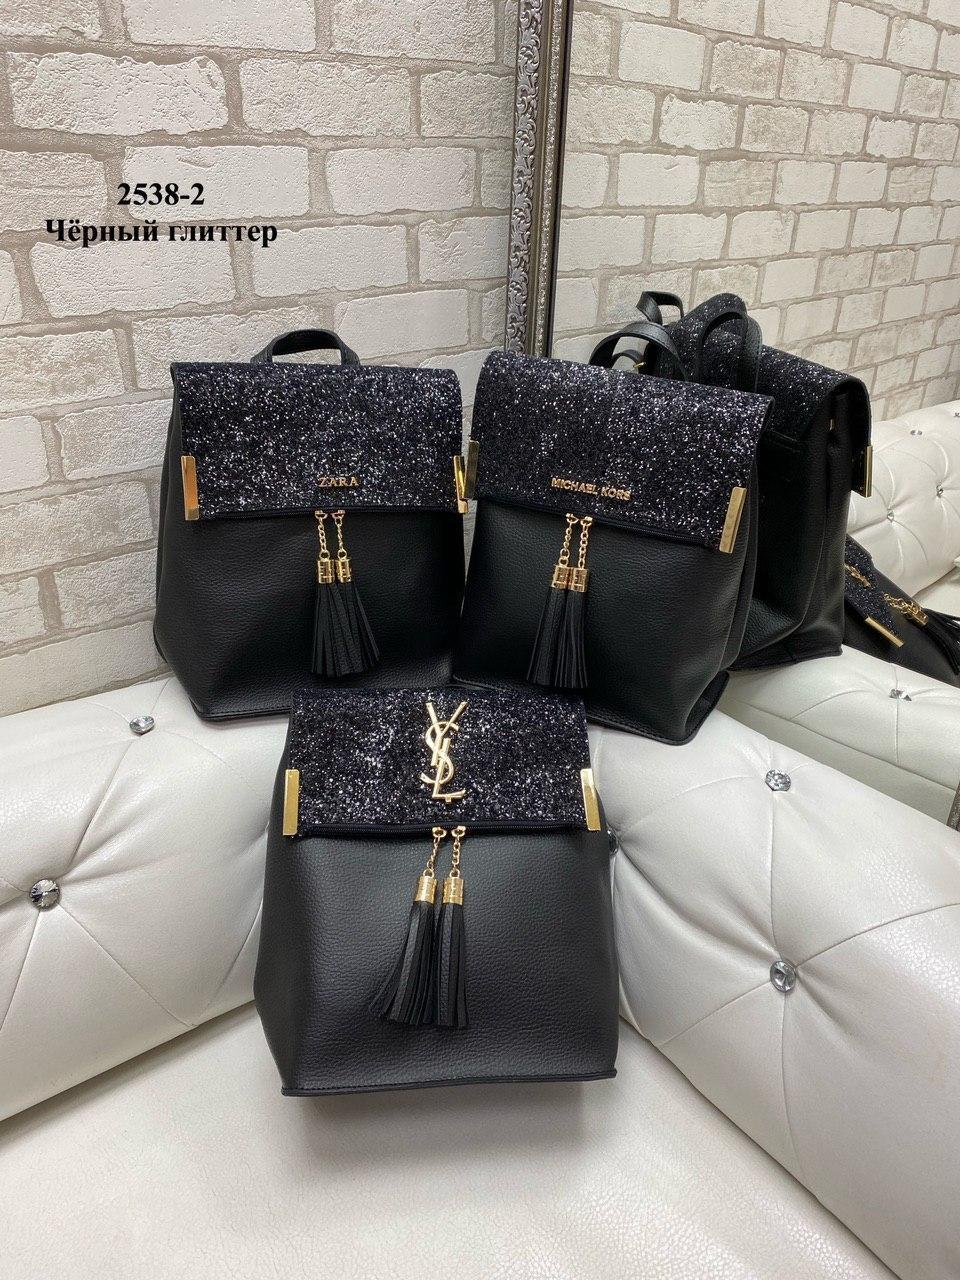 Женская сумка-рюкзак глиттер копия из кожзама  Черный (ZARA, YVES SAINT LAURENT, Michael Kors)